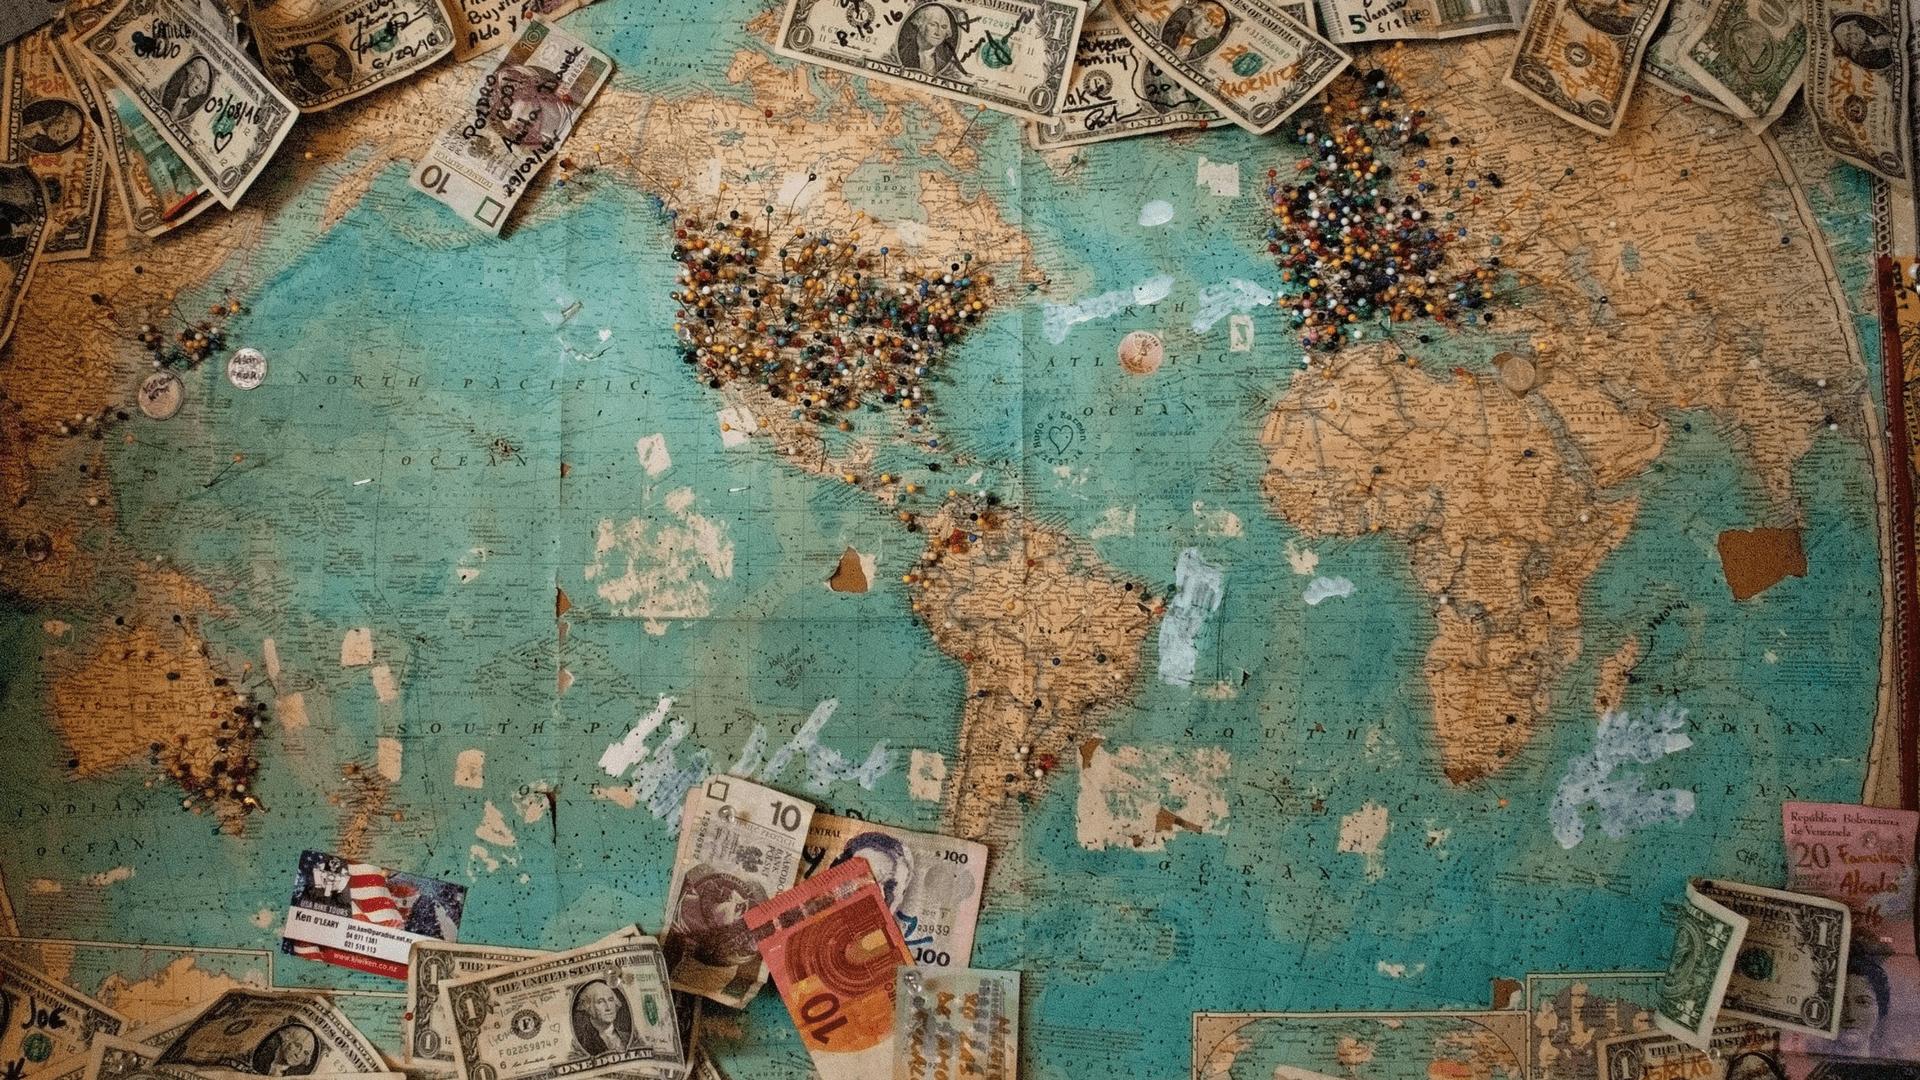 سفر بودجه کم | آفریقای جنوبی